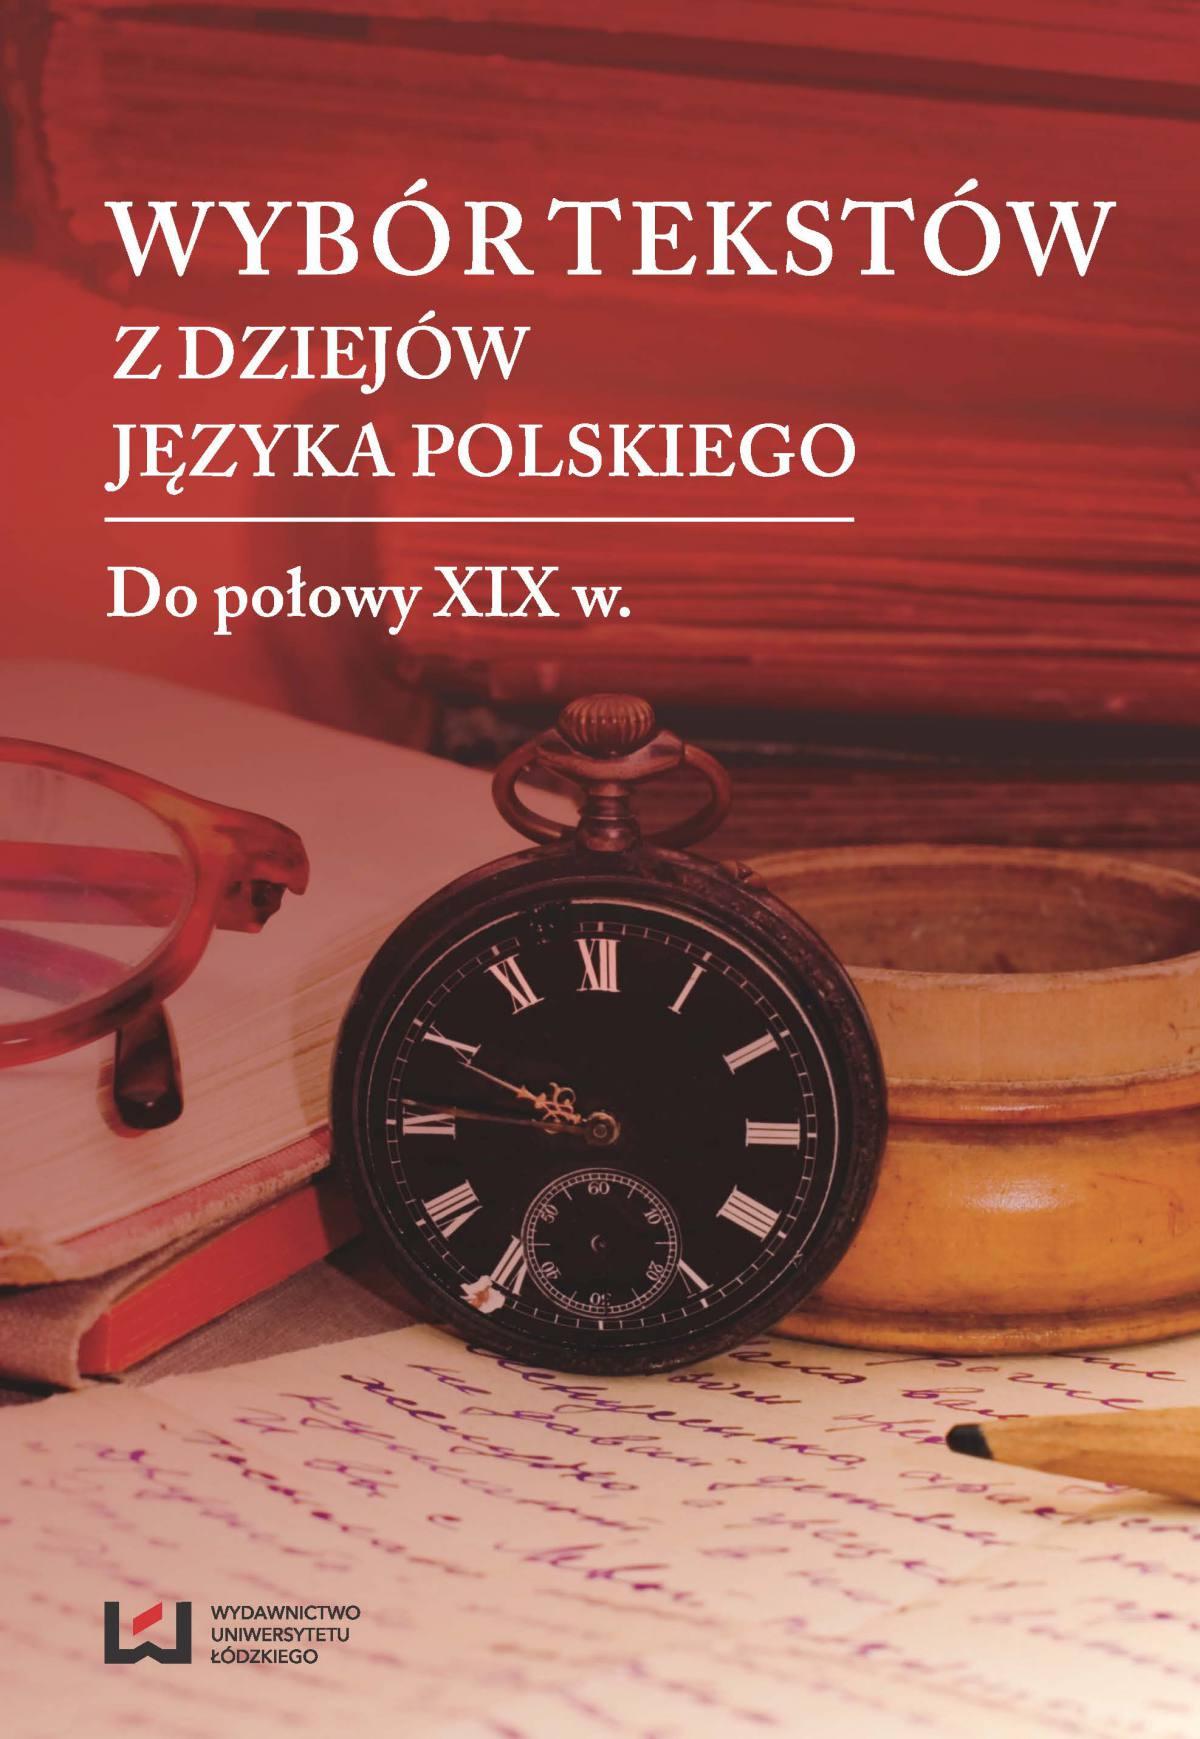 Wybór tekstów z dziejów języka polskiego. Tom 1: Do połowy XIX w. - Ebook (Książka PDF) do pobrania w formacie PDF